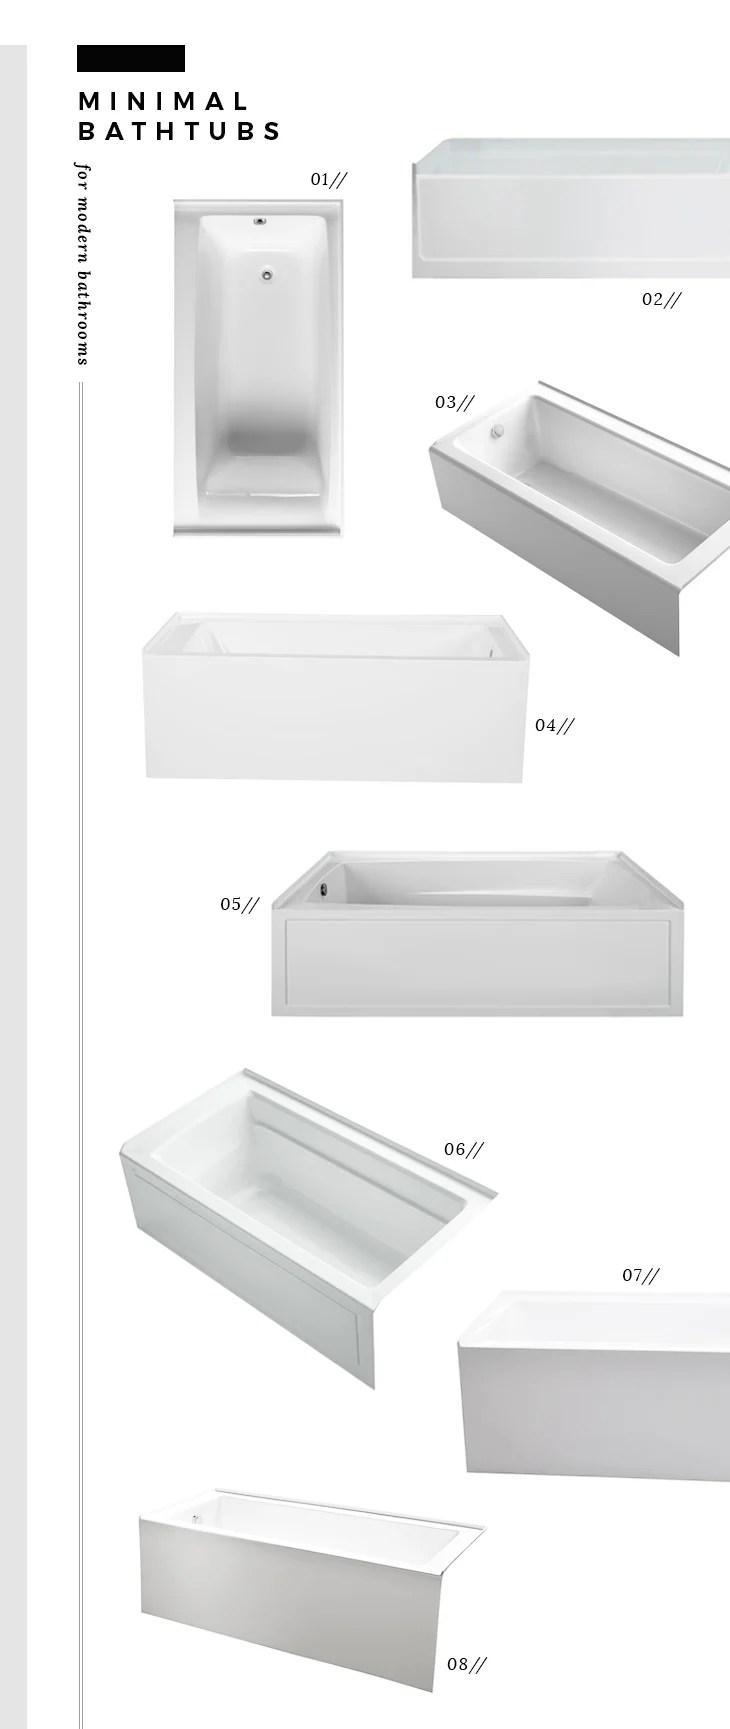 Minimal Bathtubs